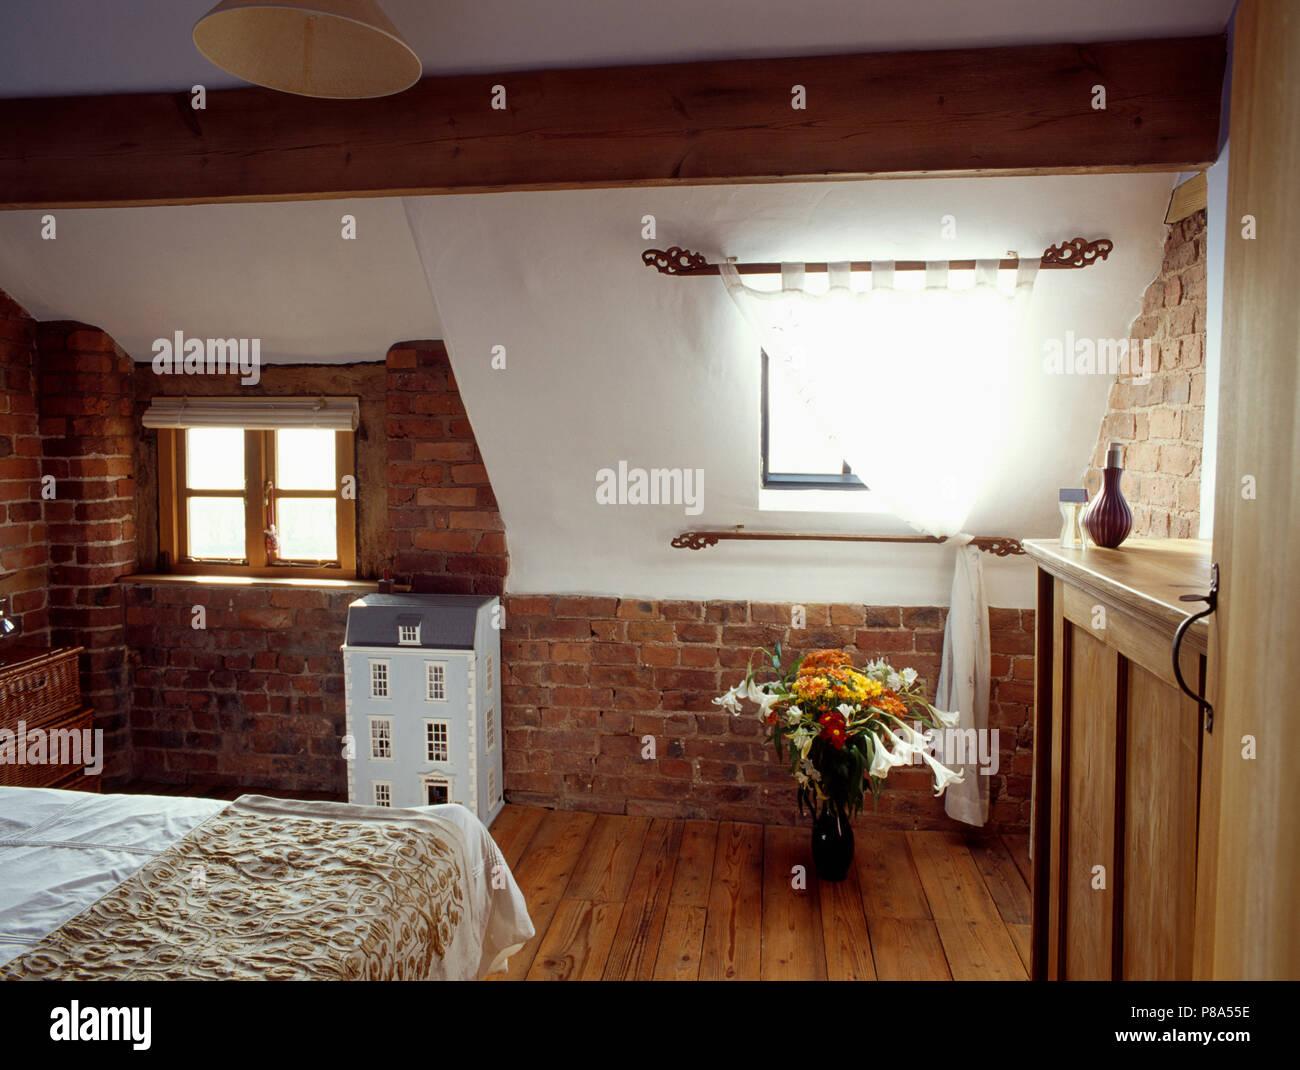 Weissen Vorhang Am Fenster Im Dachgeschoss Schlafzimmer Mit Holzboden Und Unverputzte Wand Unter Dachschrage Stockfotografie Alamy